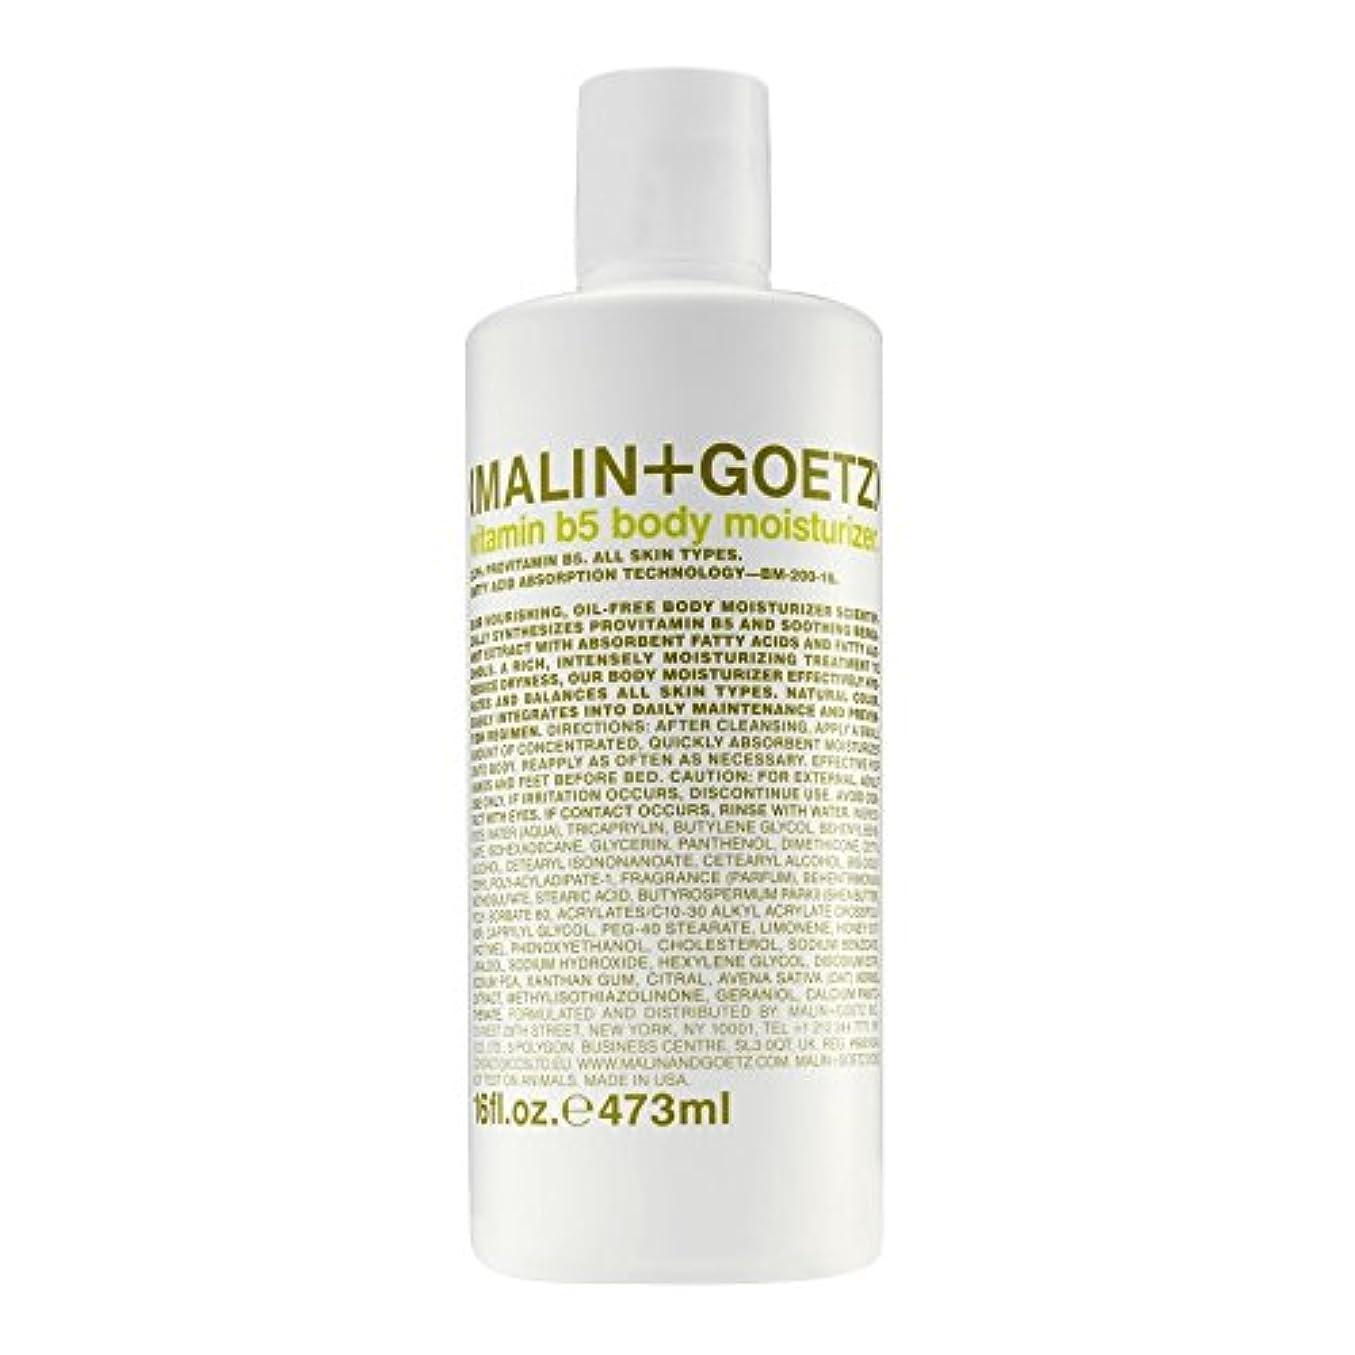 動員する物理的な邪魔マリン+ゲッツビタミン5ボディモイスチャライザーの473ミリリットル x4 - MALIN+GOETZ Vitamin B5 Body Moisturiser 473ml (Pack of 4) [並行輸入品]